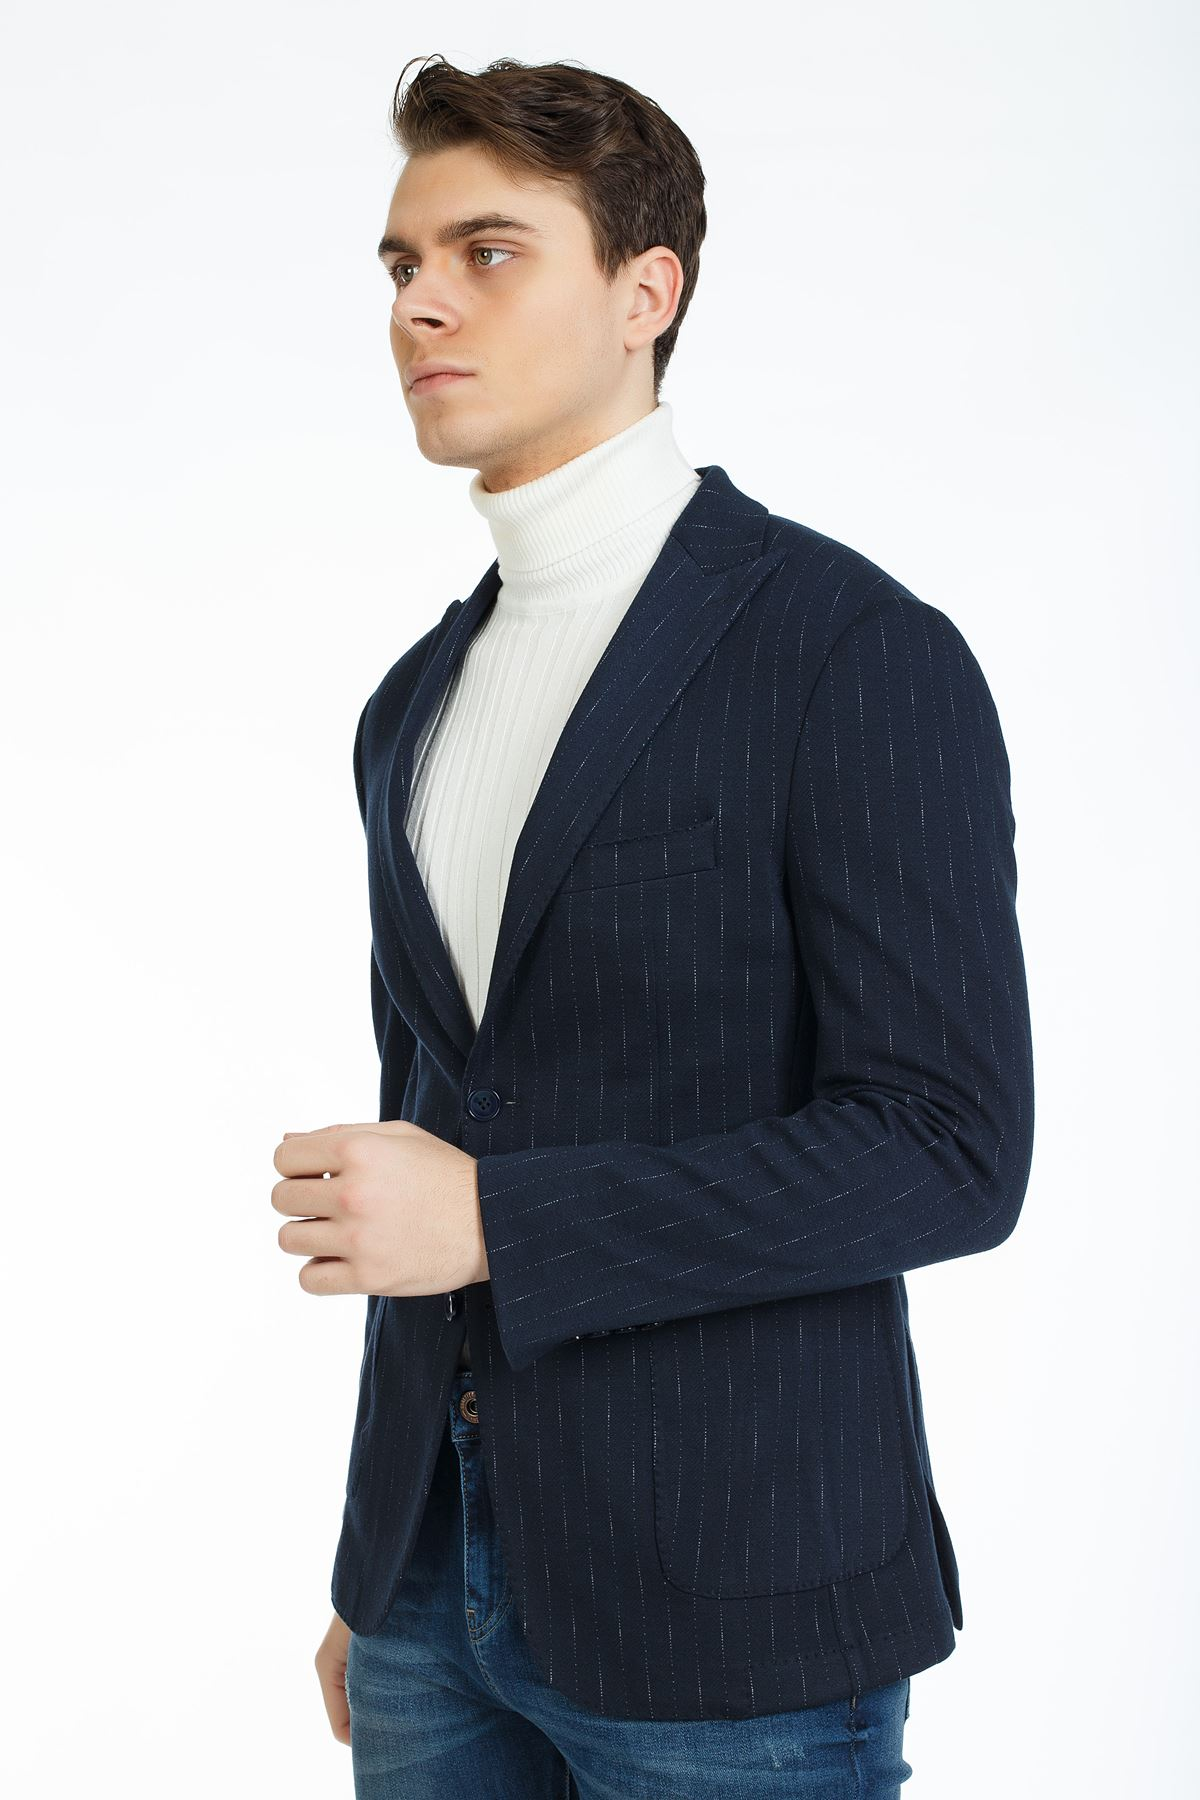 Lacivert Beyaz Çizgili Süper Slim Kalıp Spor Ceket